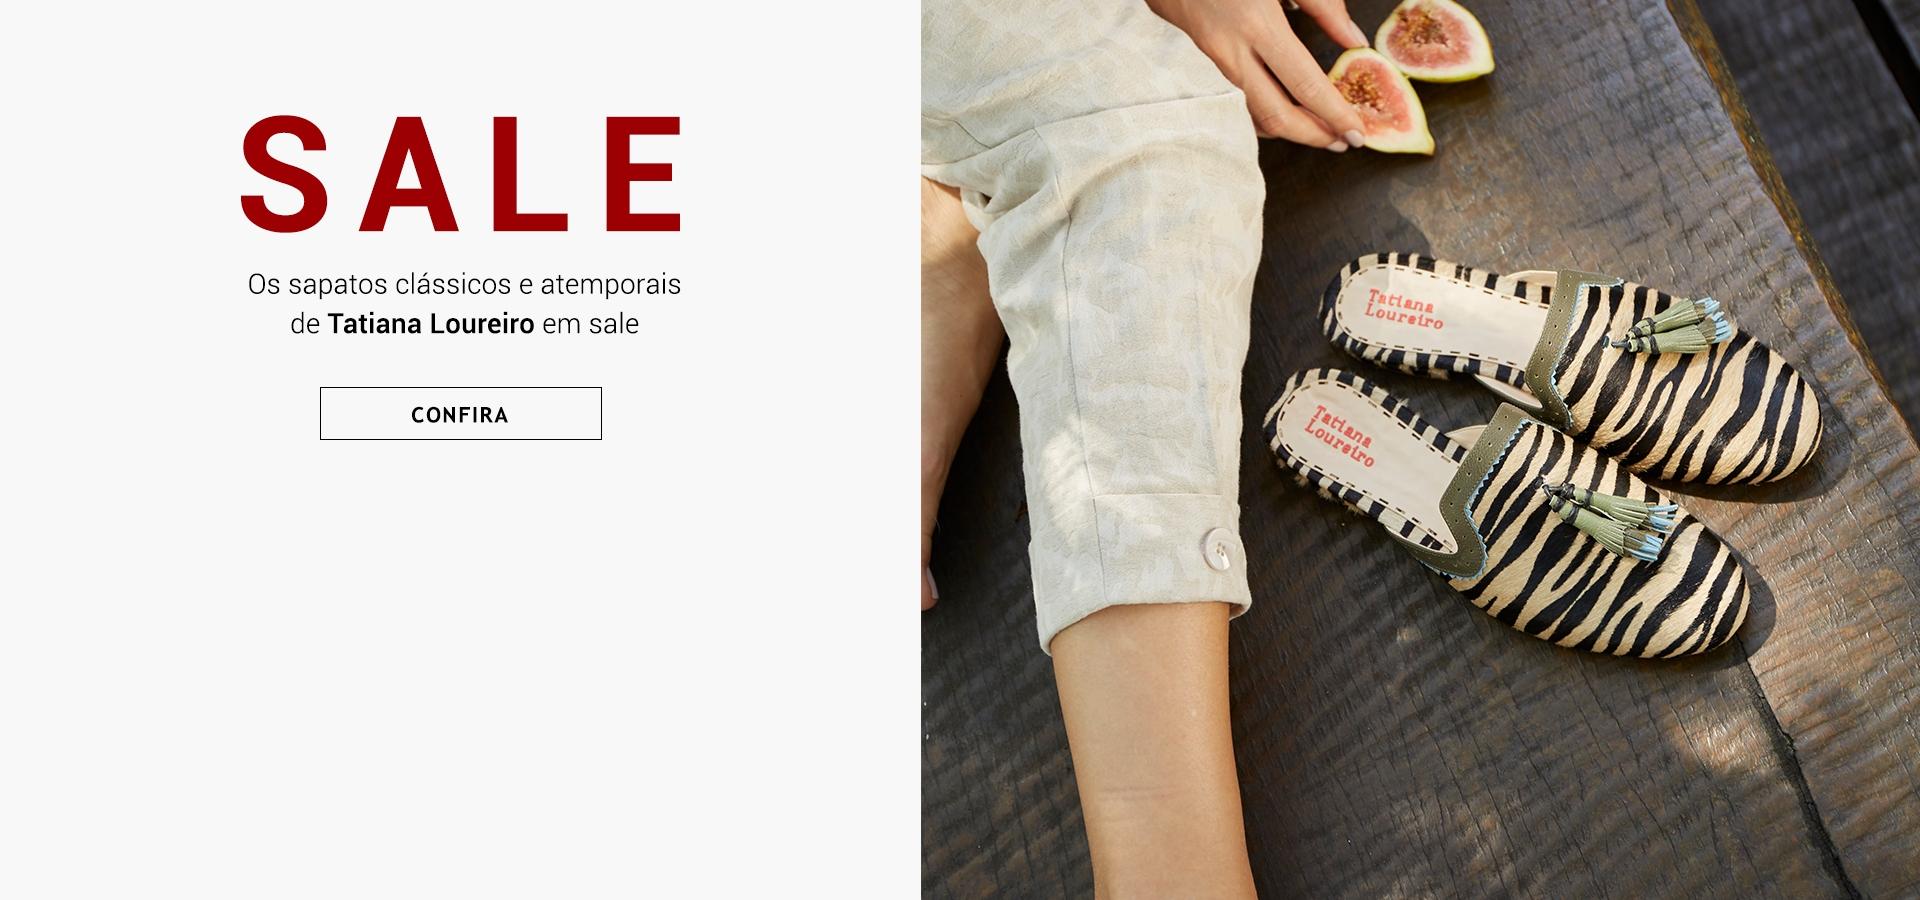 Encontre Calçados Maravilhosos e Delicados de Estilo Único e Personalidade Forte. Confira. Sapatos Exclusivos Feitos à Mão. Tatiana Loureiro Brasil Online